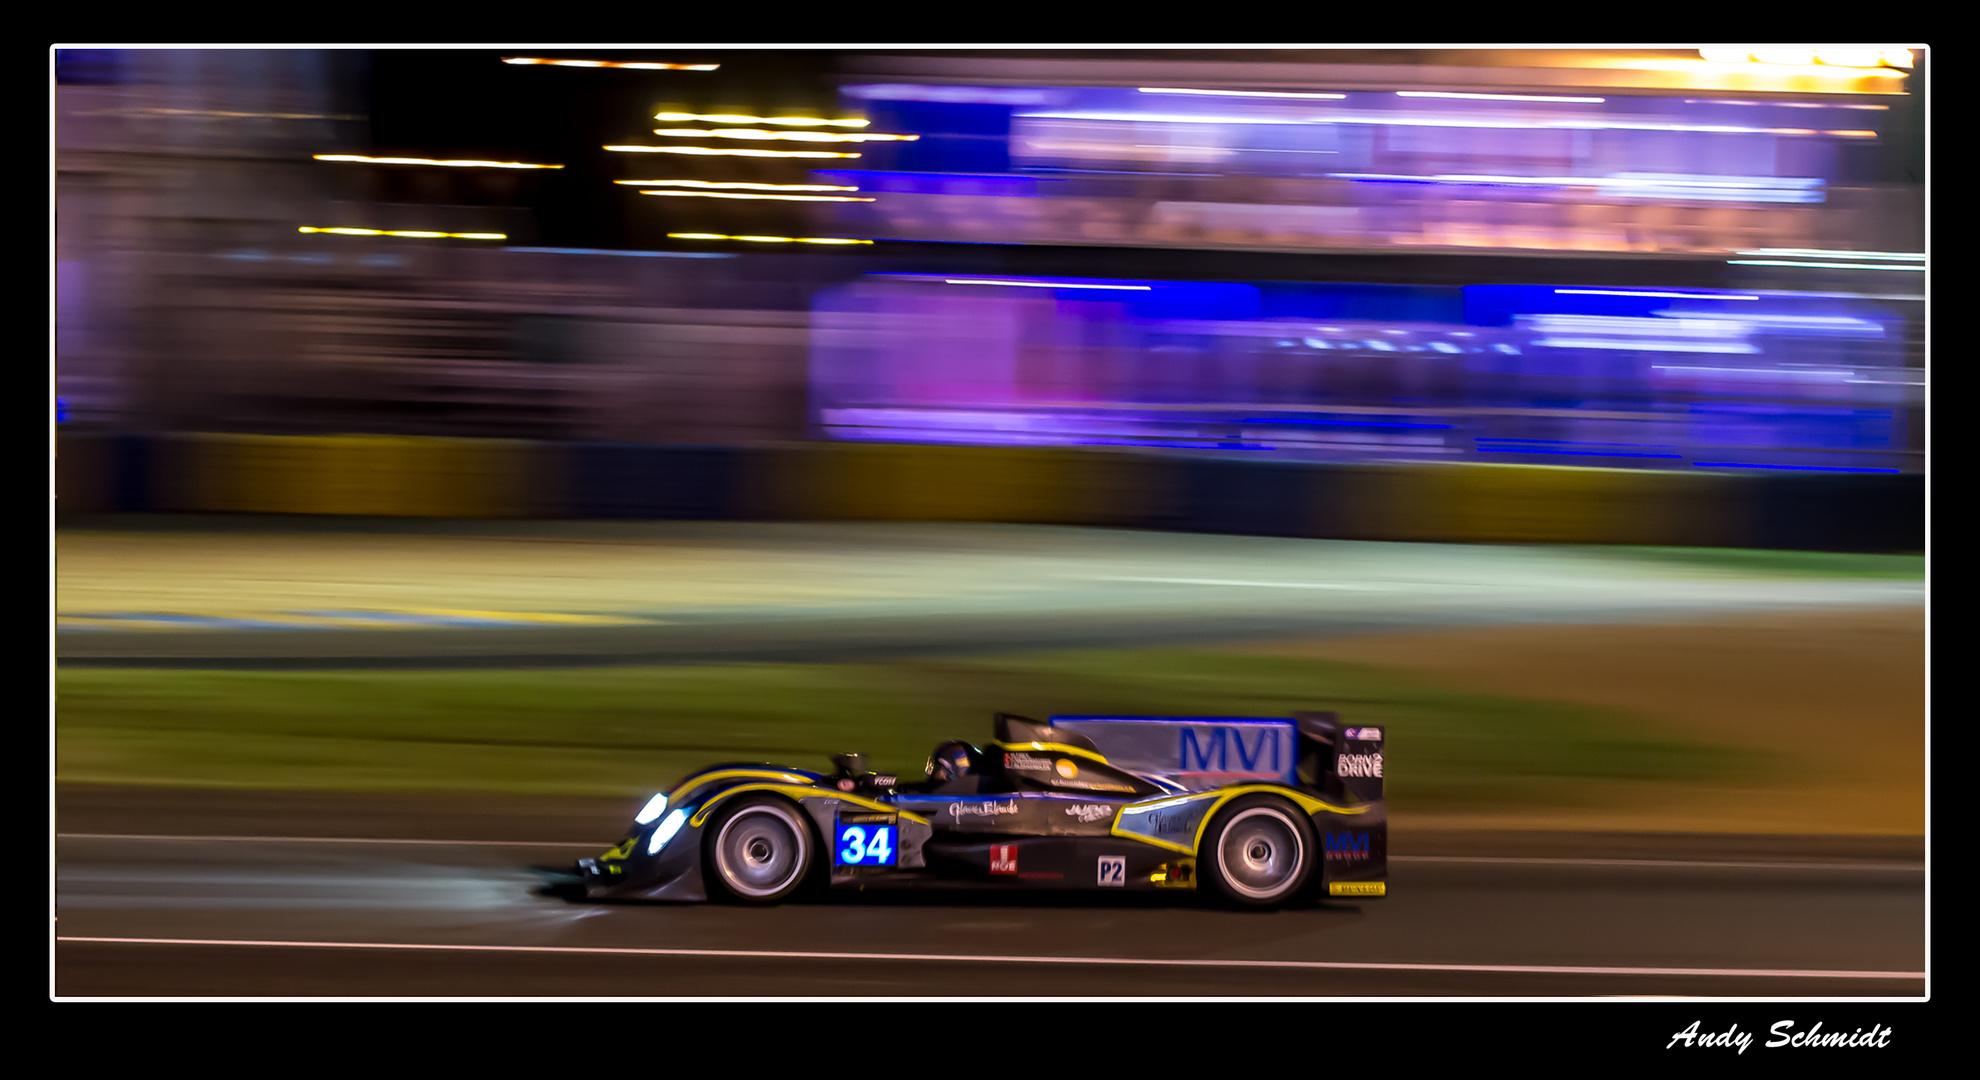 und noch mal bei Nacht Le Mans 2013